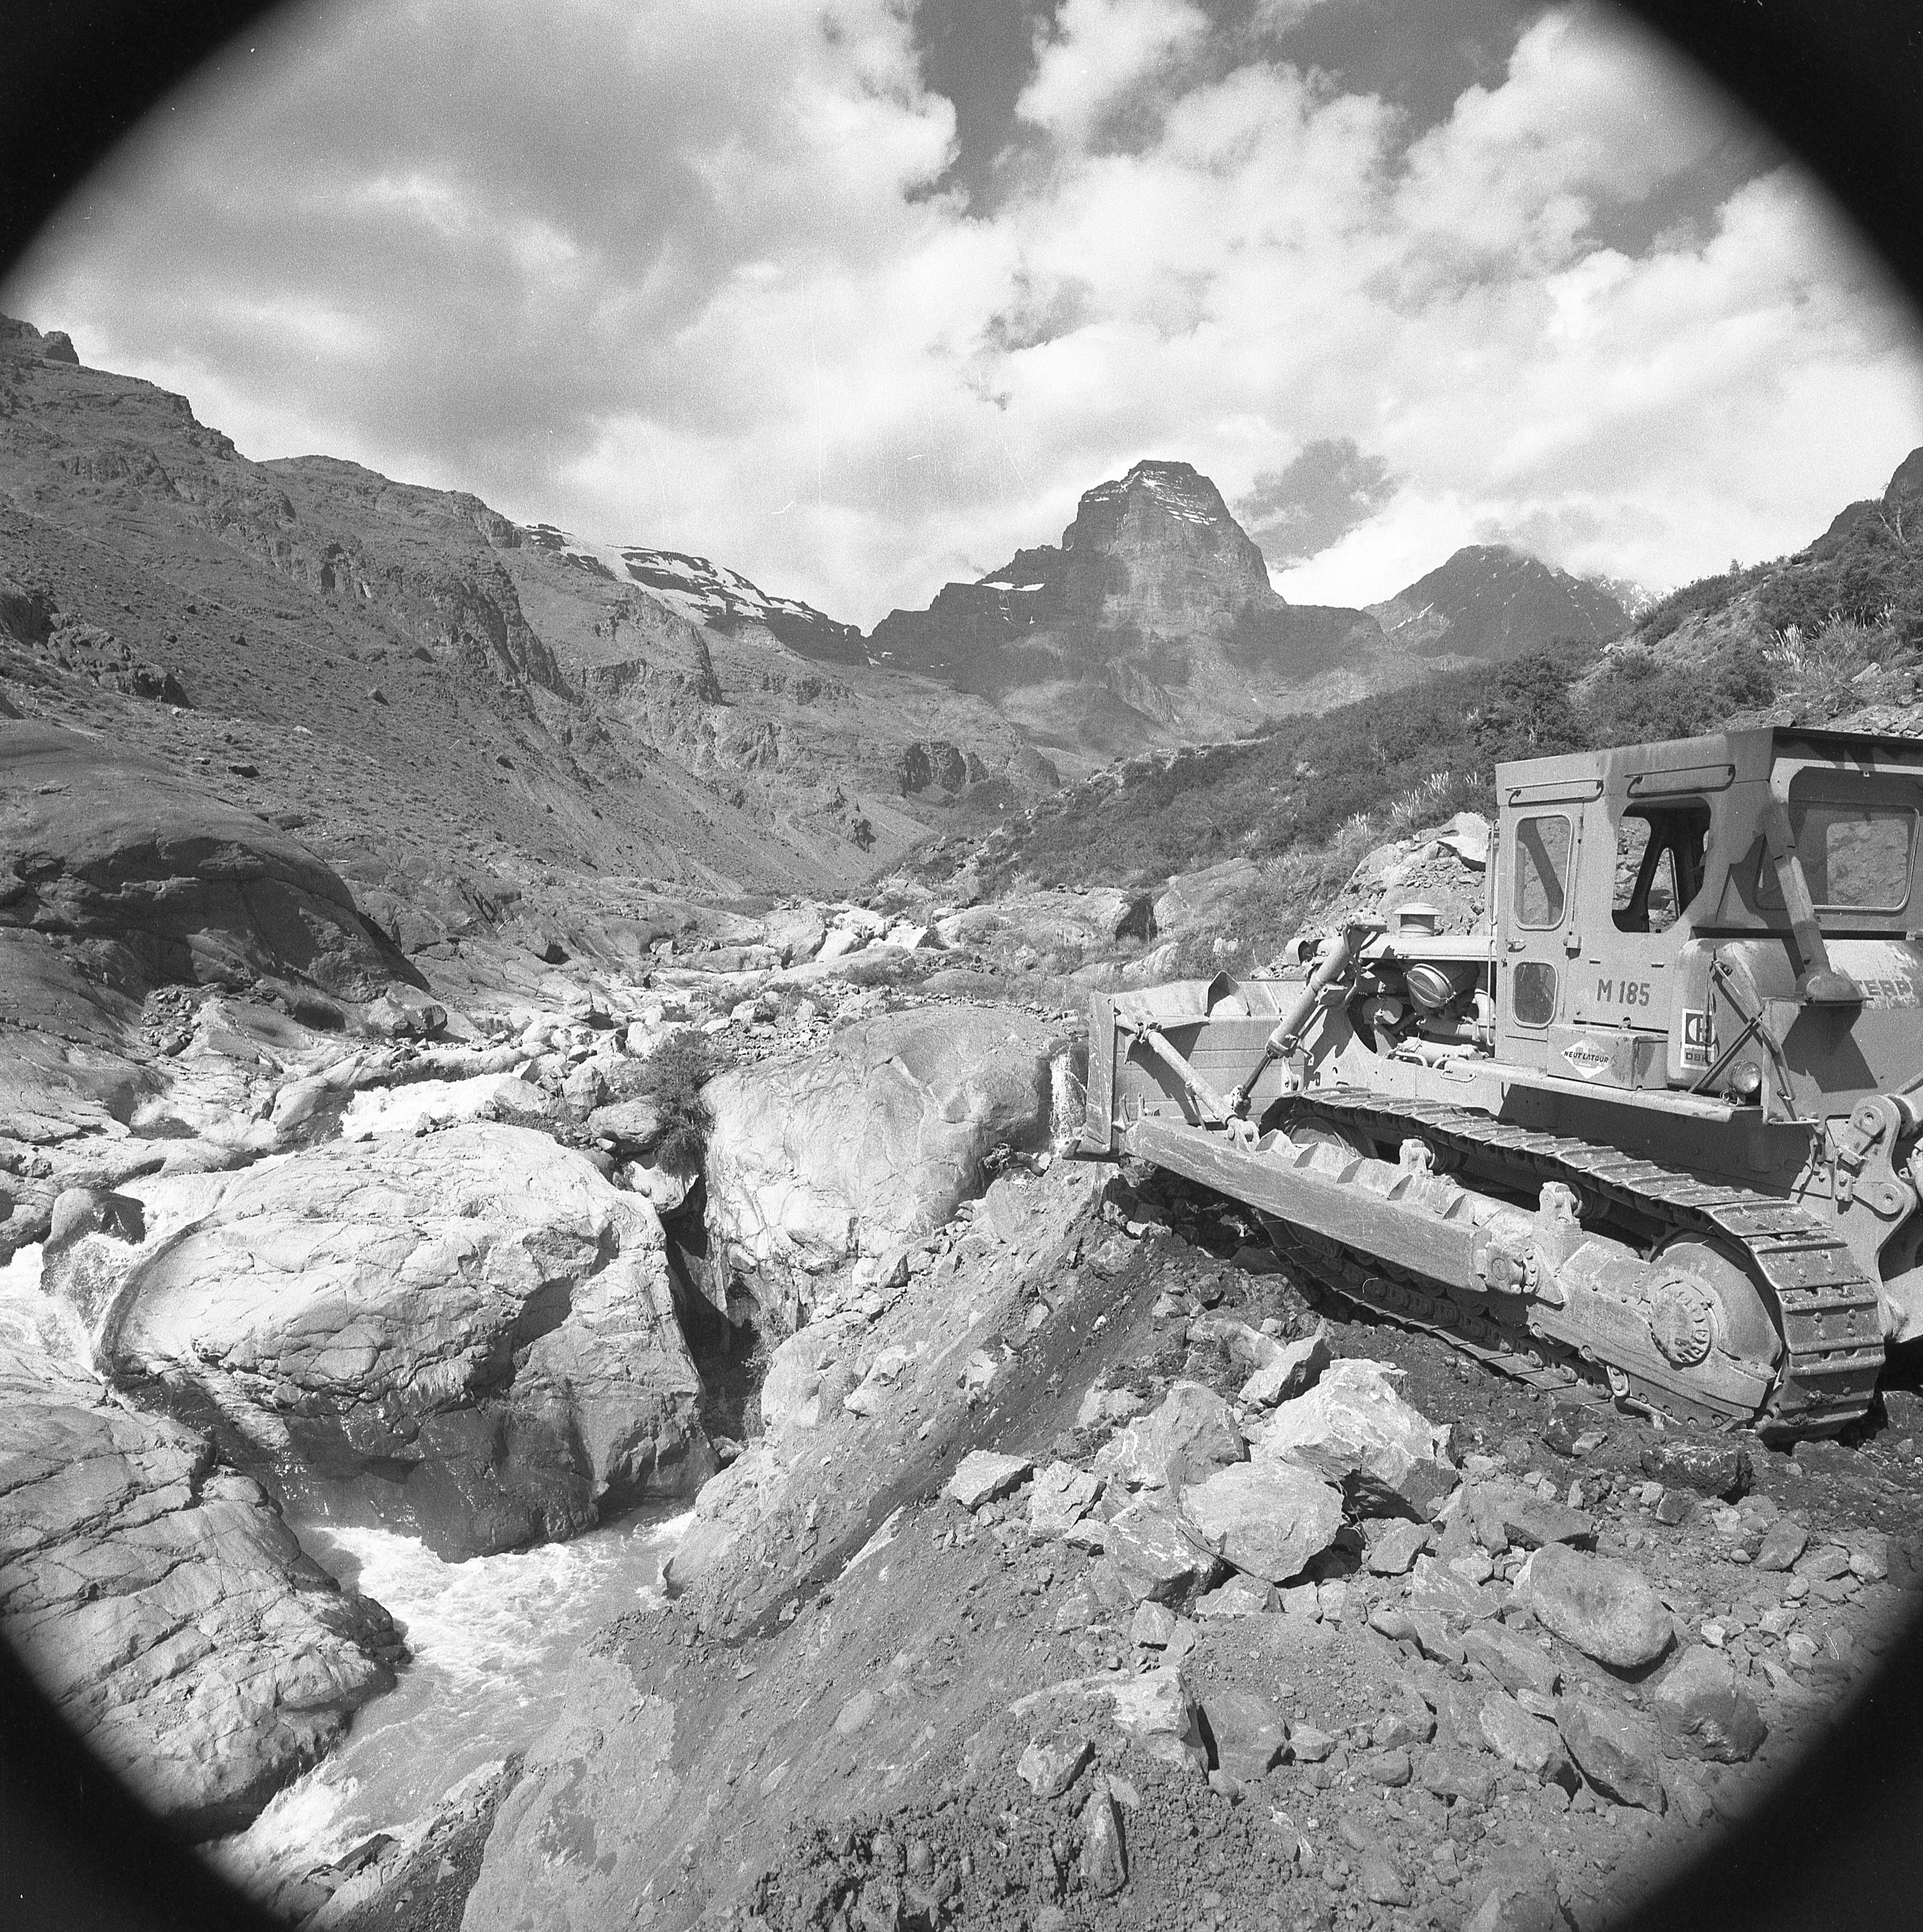 Enterreno - Fotos históricas de chile - fotos antiguas de Chile - Cajón de Los Leones, Andina Gardilcic, 1975